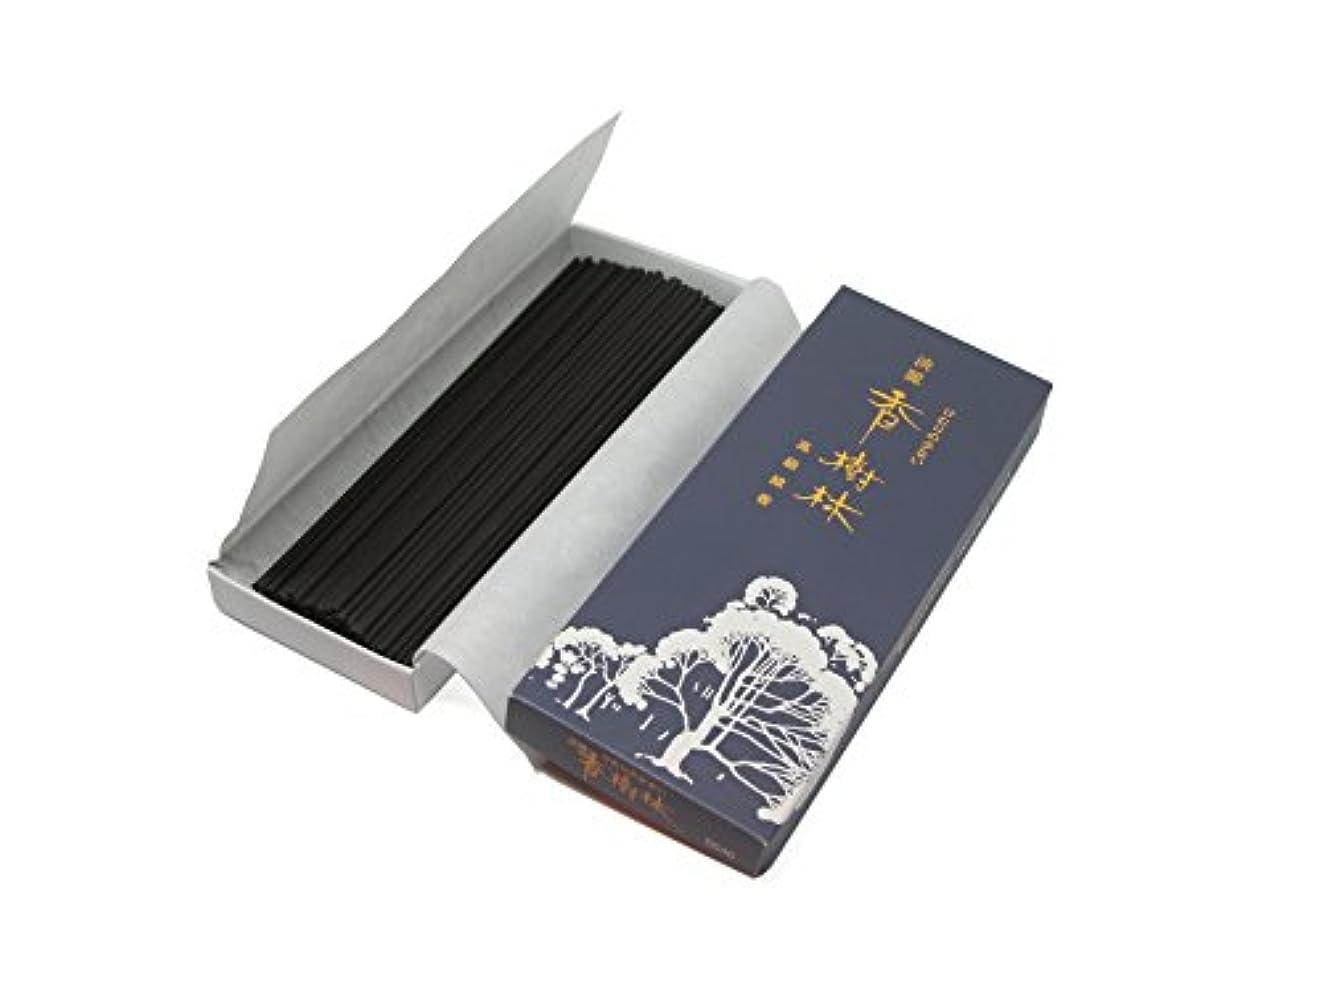 忌まわしい麻酔薬荒らすgyokushodo Japanese Sandalwood Incense Sticks Tanrei Kojurin – Less煙タイプ – Mediumパック – 5.5インチ95 Sticks – 日本製